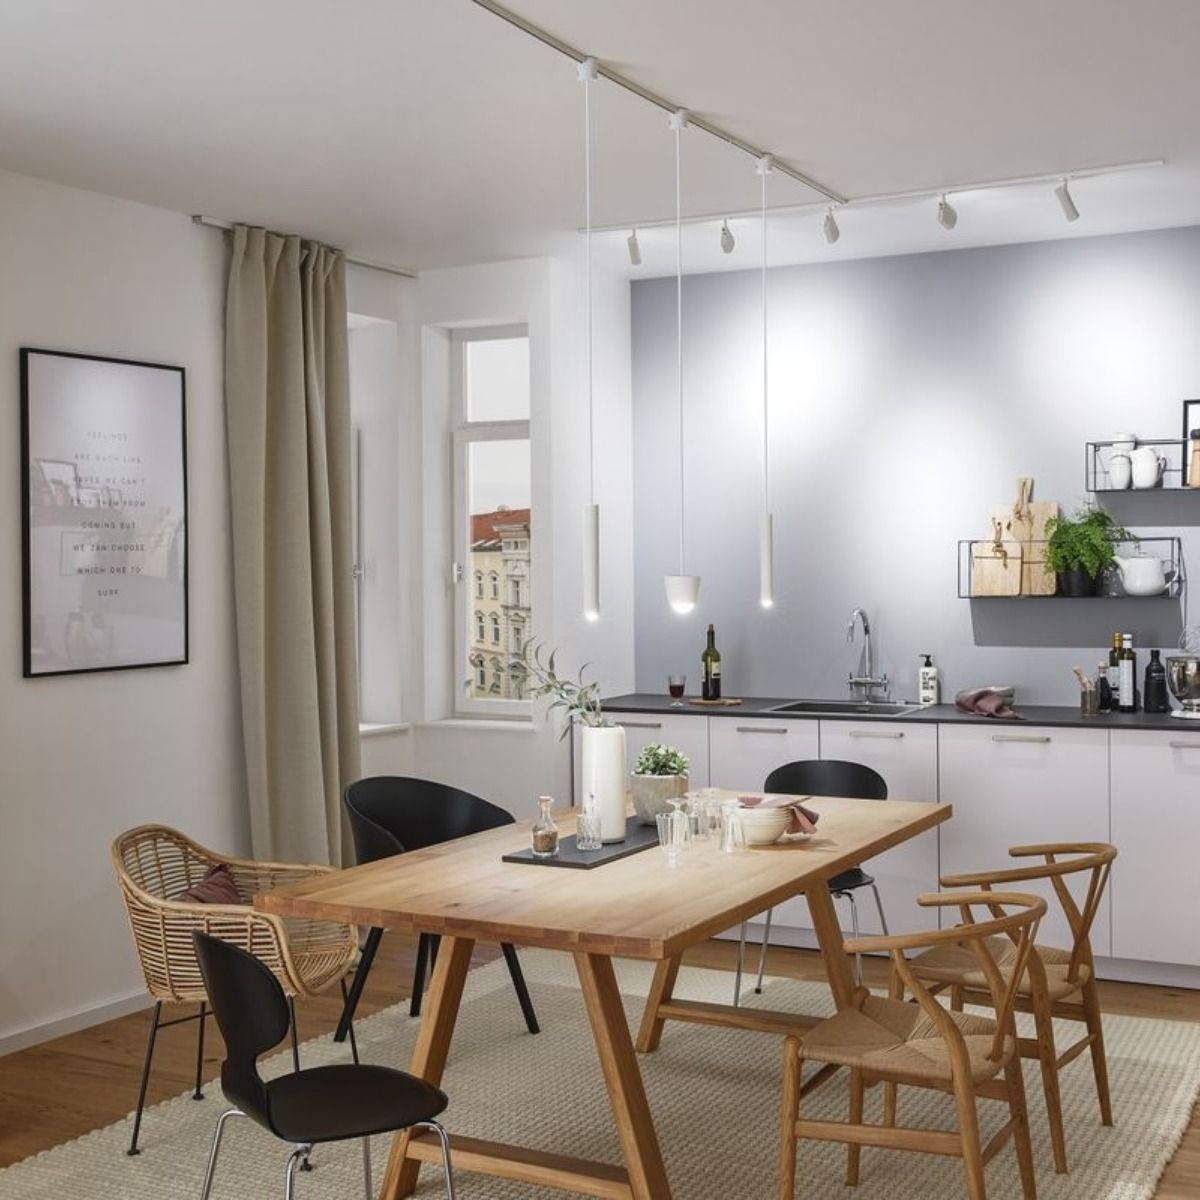 Esstischbeleuchtung Mit Pendelleuchten Wohn Esszimmer Paulmann Esstisch Beleuchtung